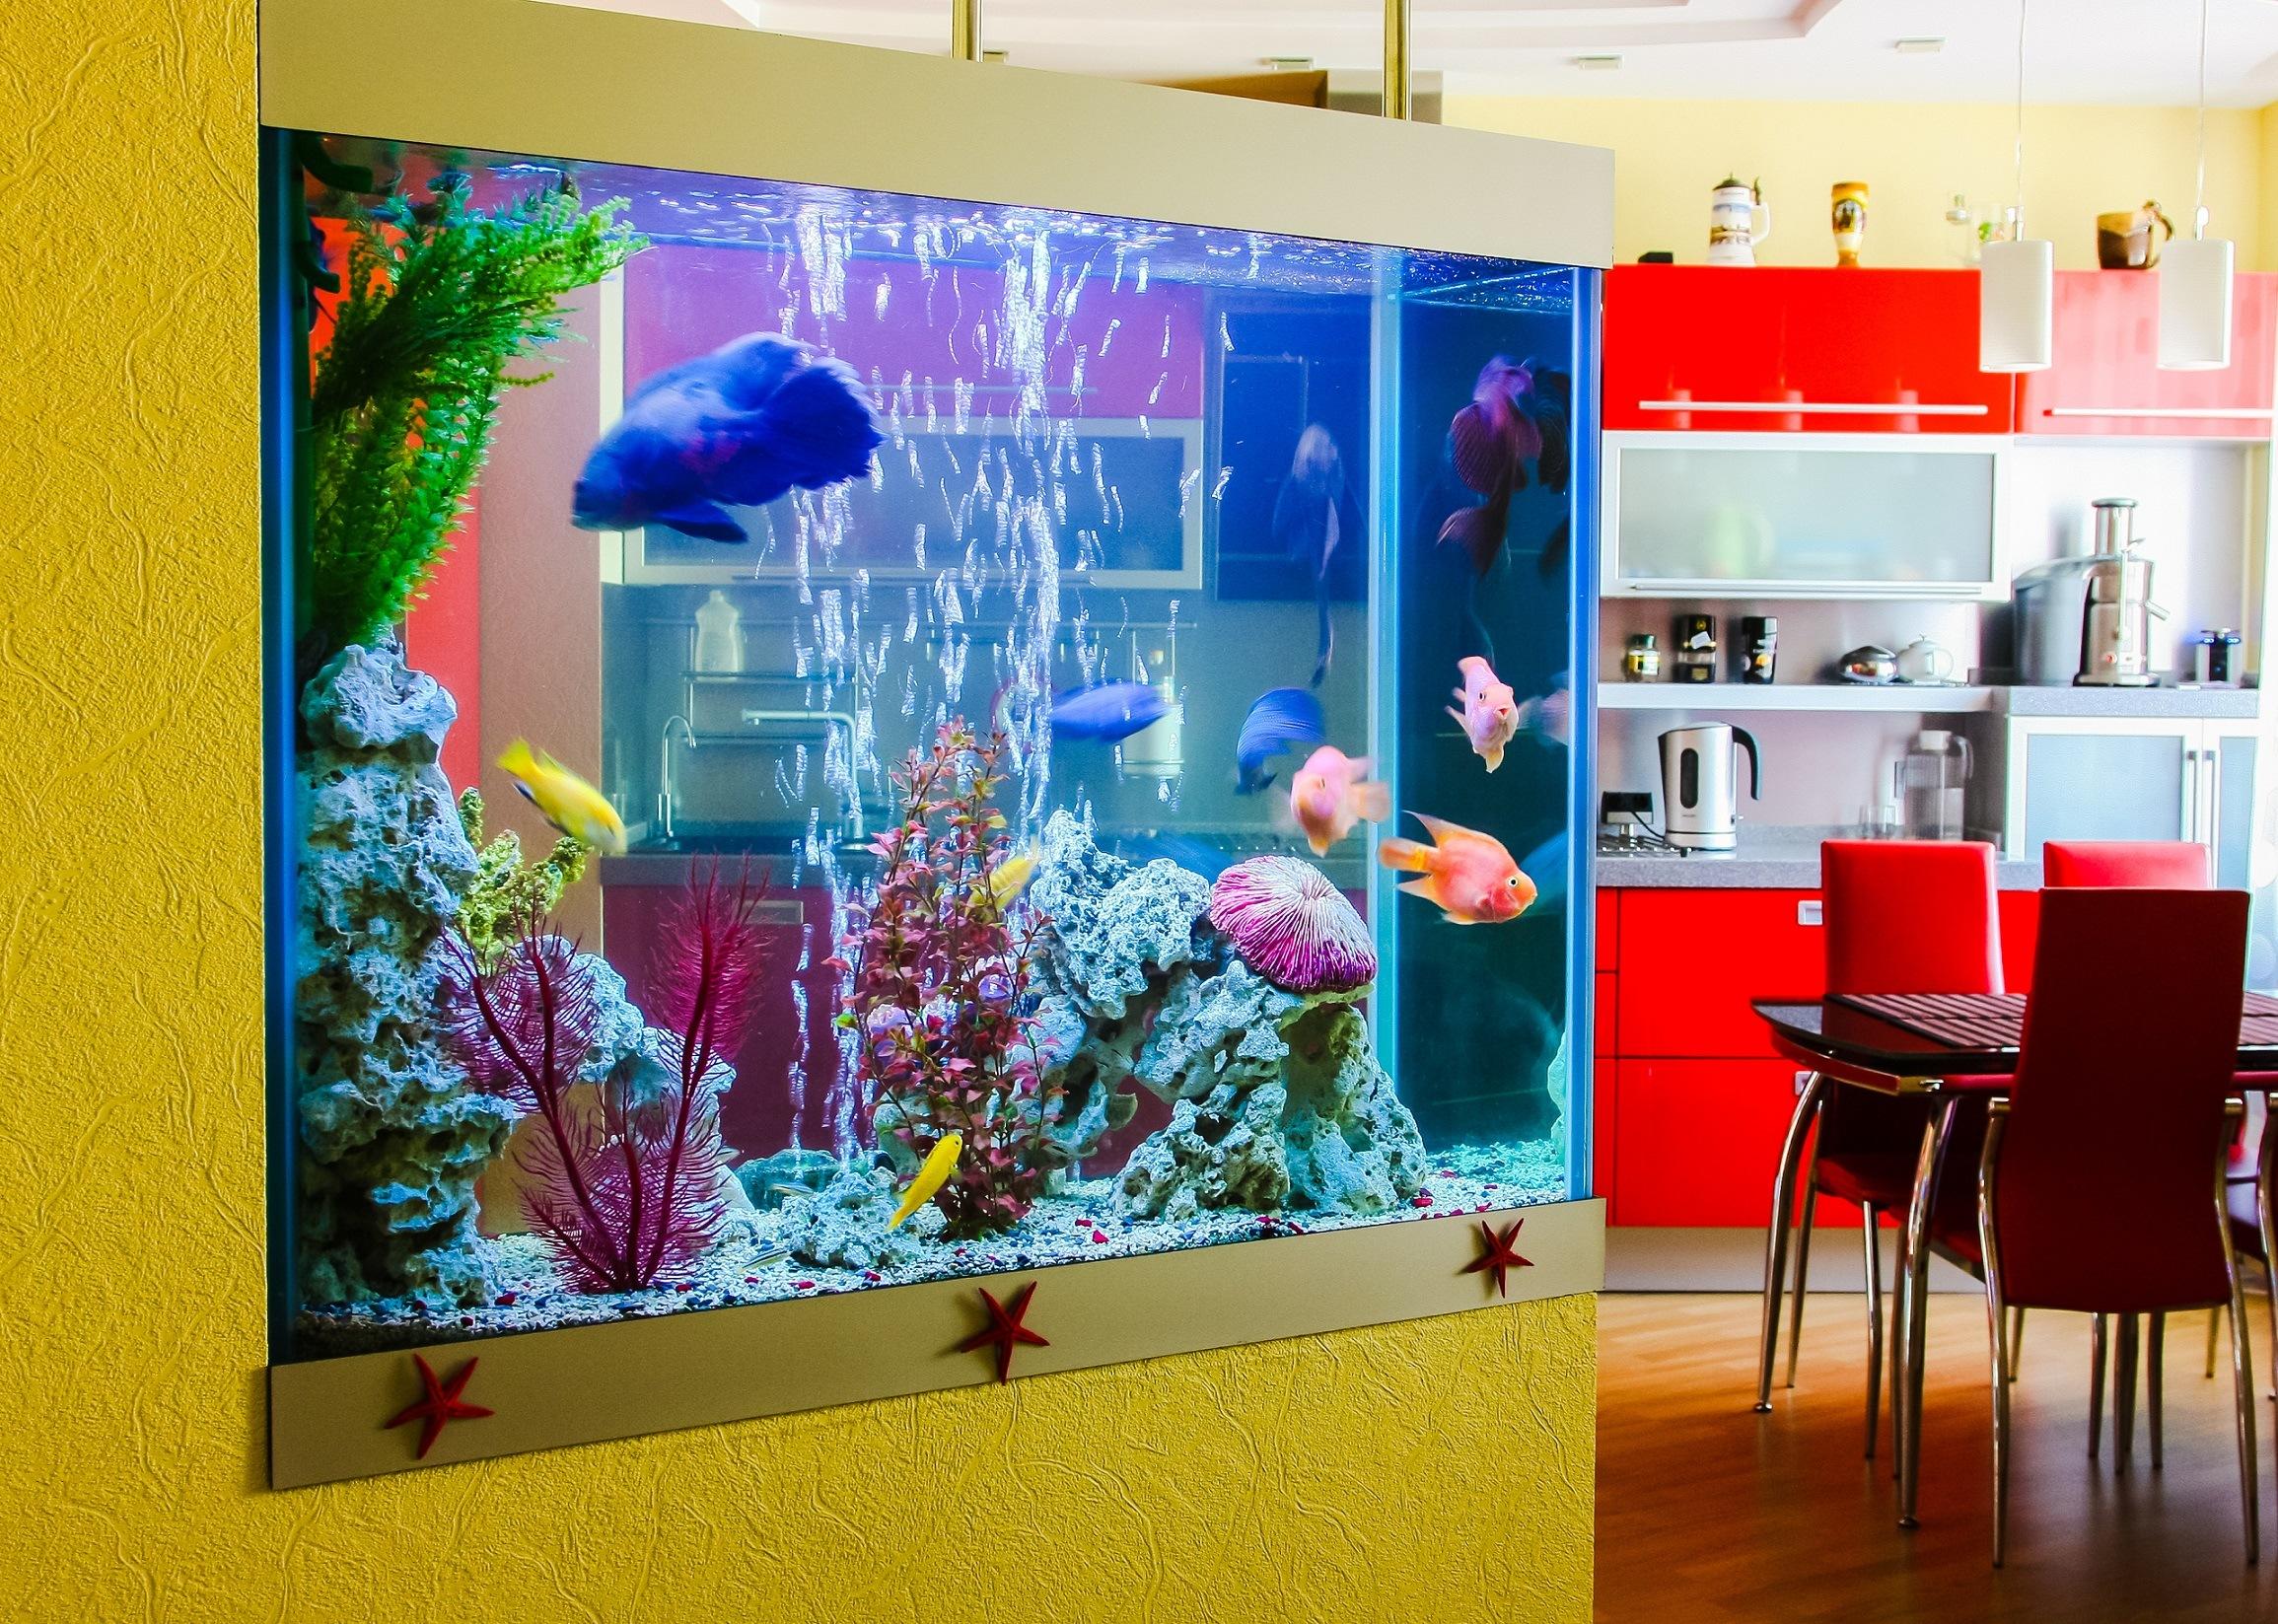 Built in home aquarium